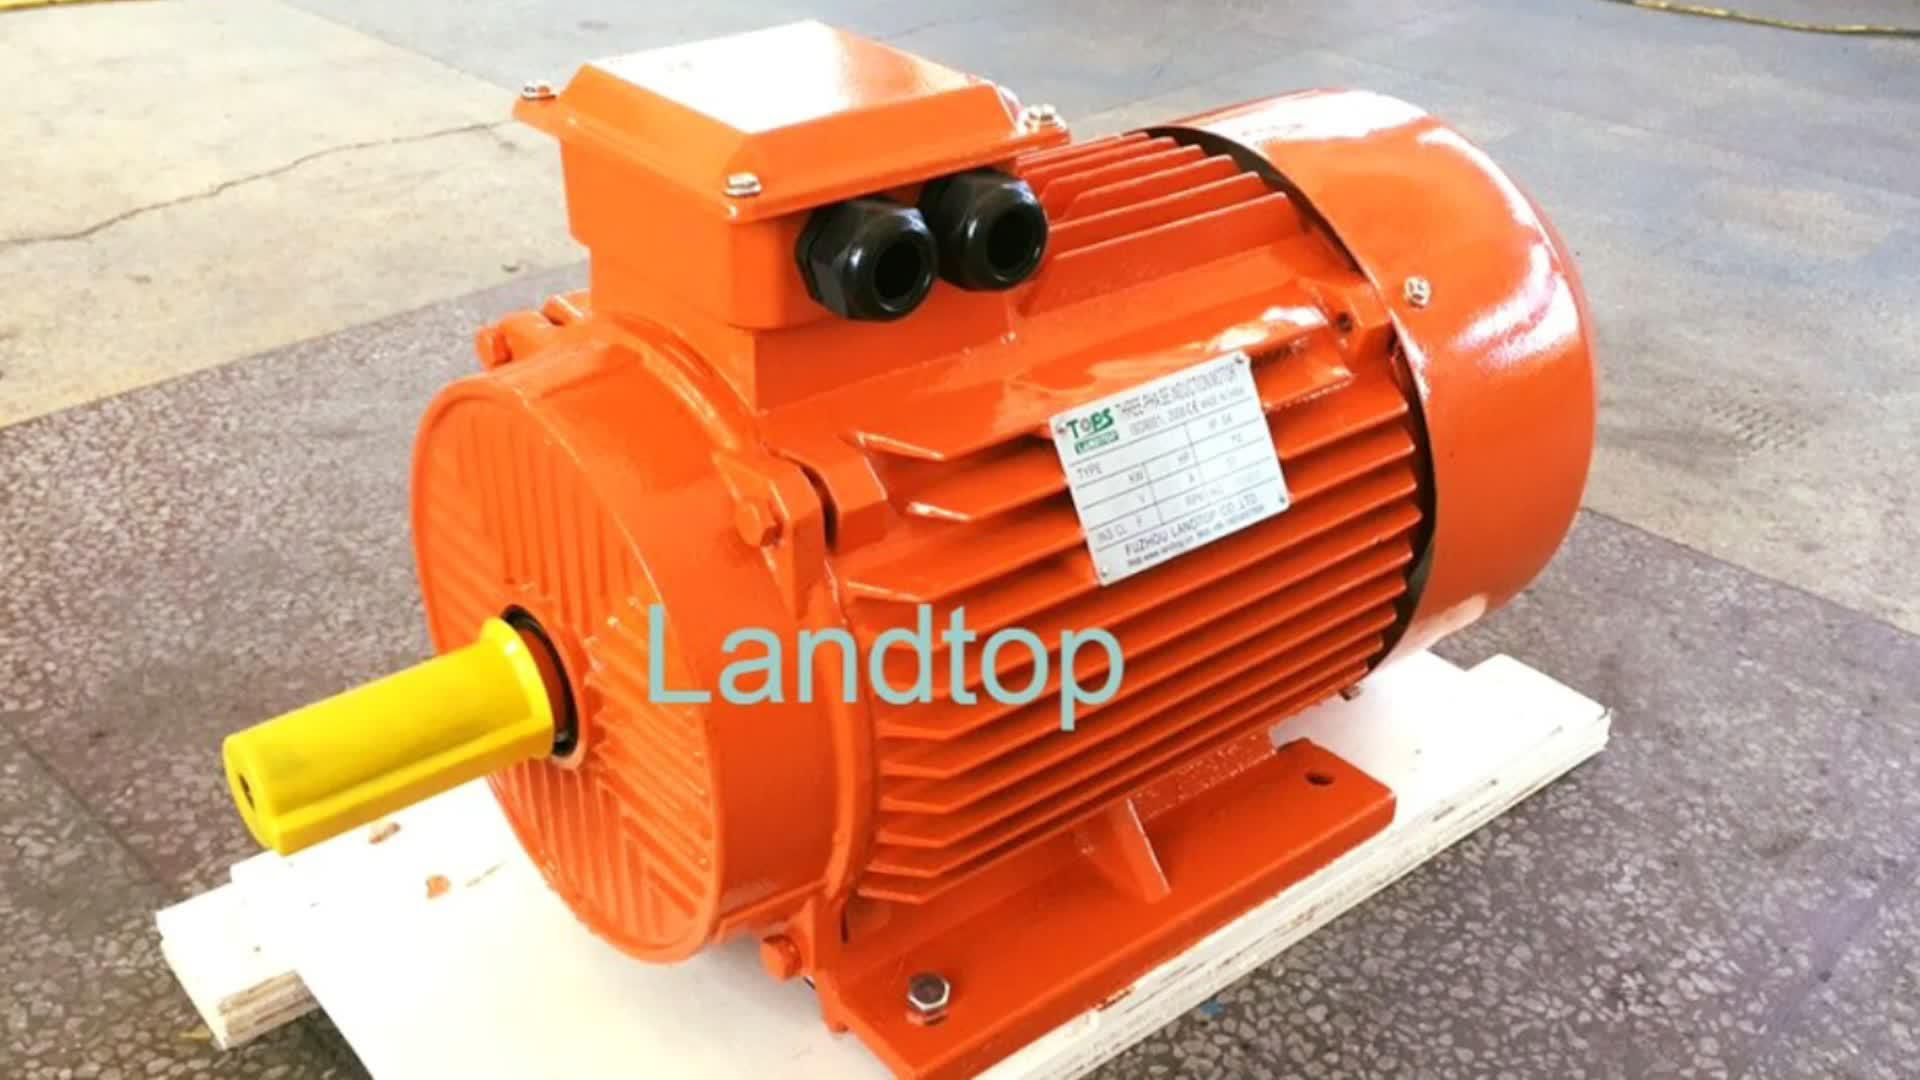 Tops Yc/Ycl Serie Heavy Duty Eenfase Ac Motor 220V Inductie Elektrische Motor Watt